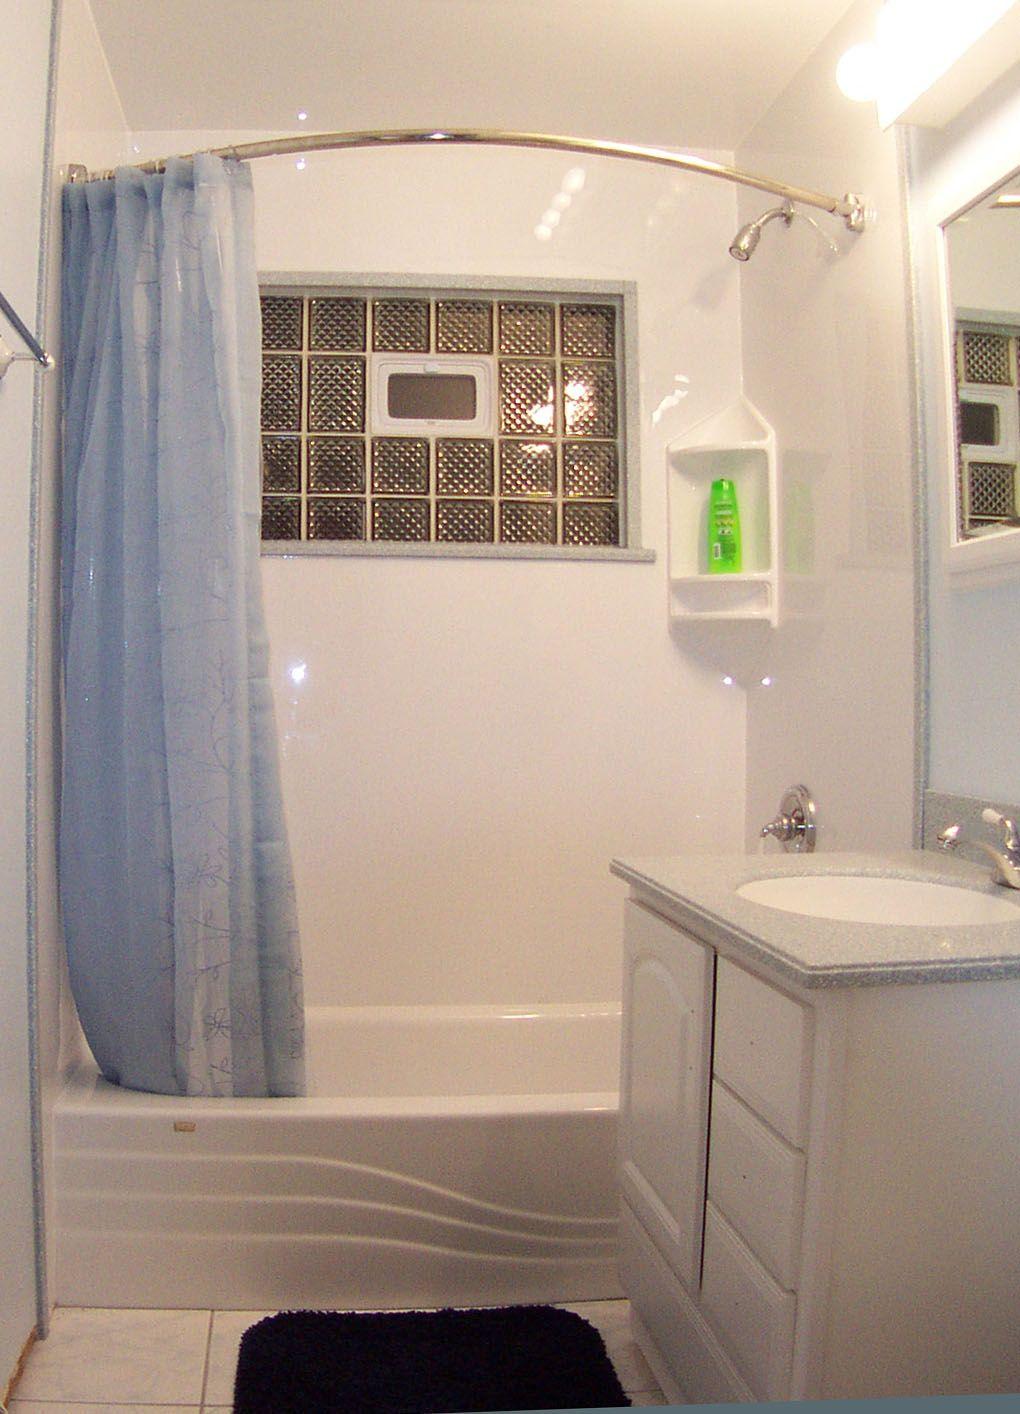 Kleine Badezimmer Design Ideen Lesen Sie Unsere Bad Design Ideen Tipps Und Geheimnisse Fur Die Badezimmer Design Kleine Badezimmer Kleine Badezimmer Design